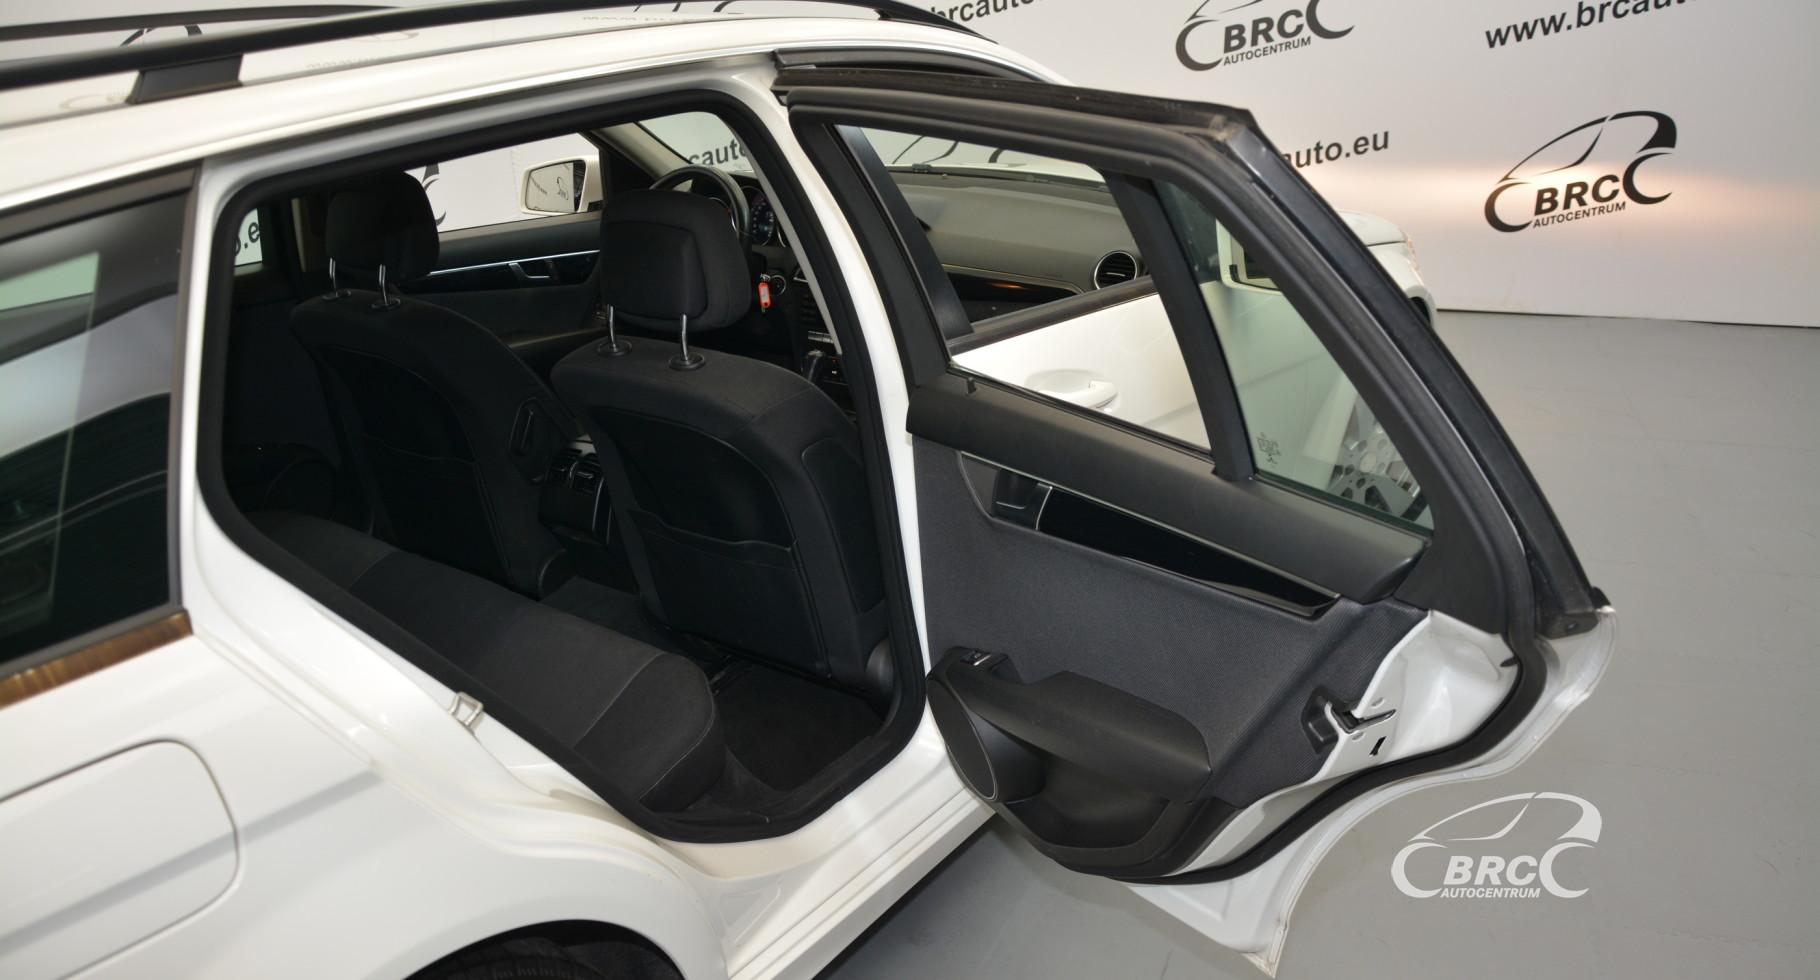 Mercedes-Benz C 180 T CDI Automatas